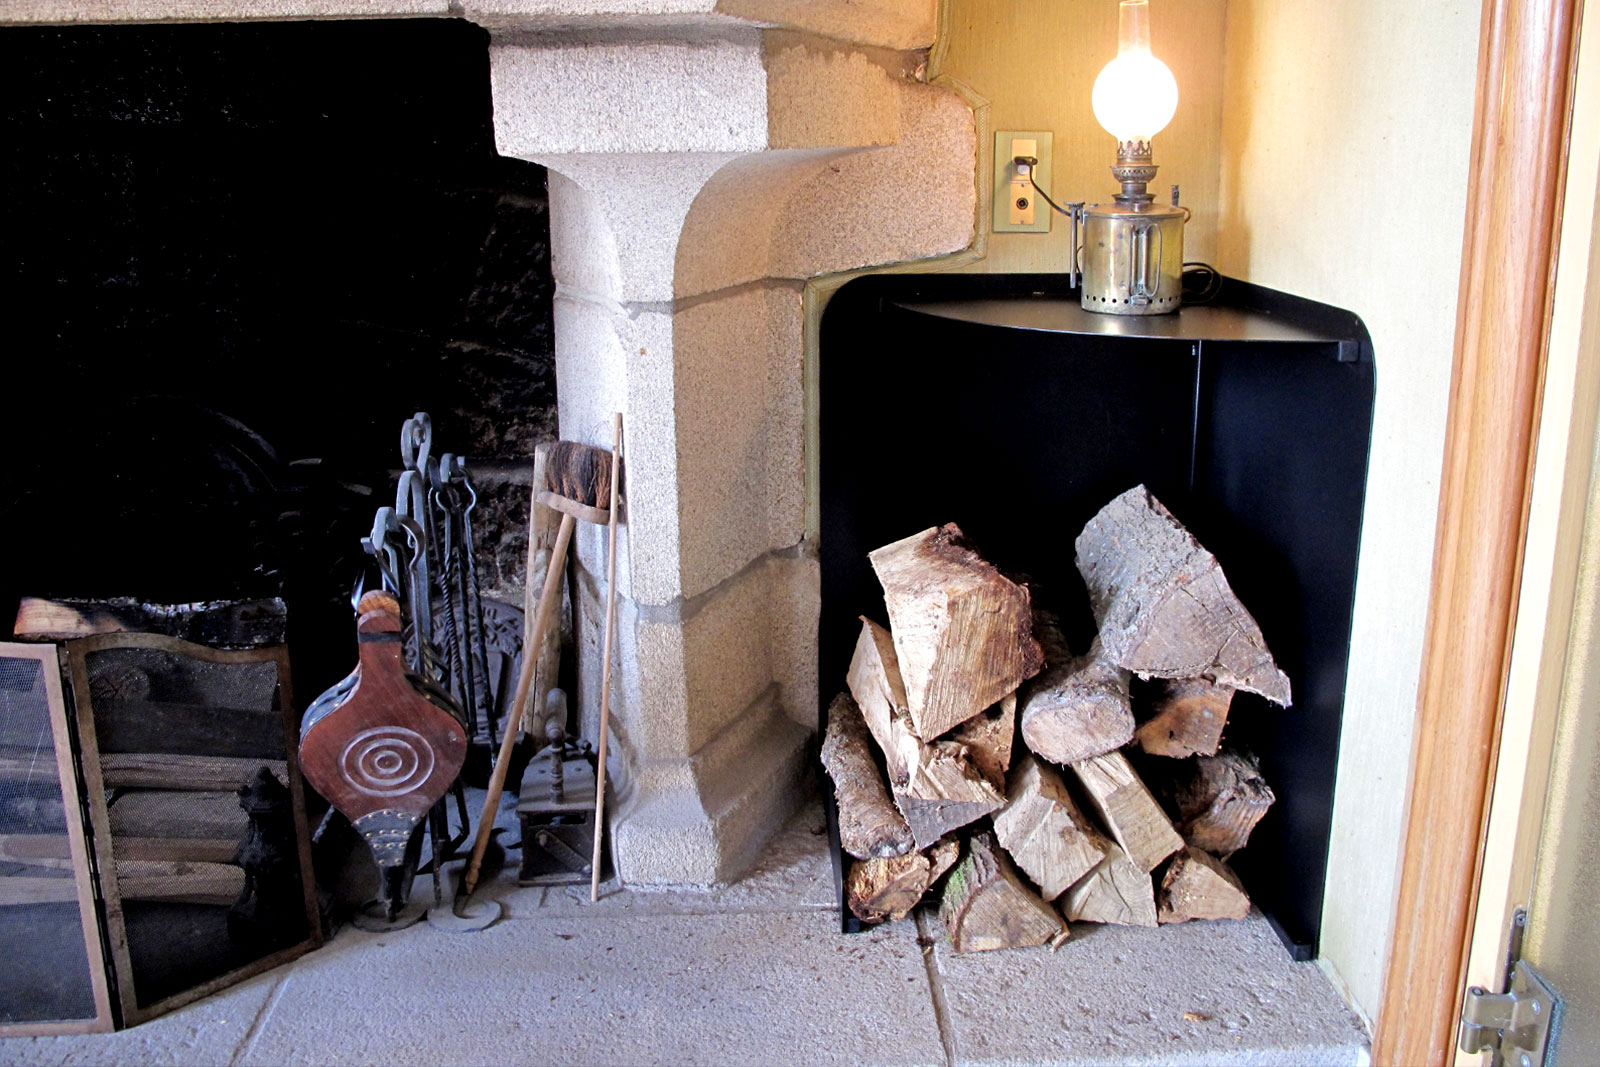 Rangement bois de chauffage soudure atypique - Rangement bois chauffage ...